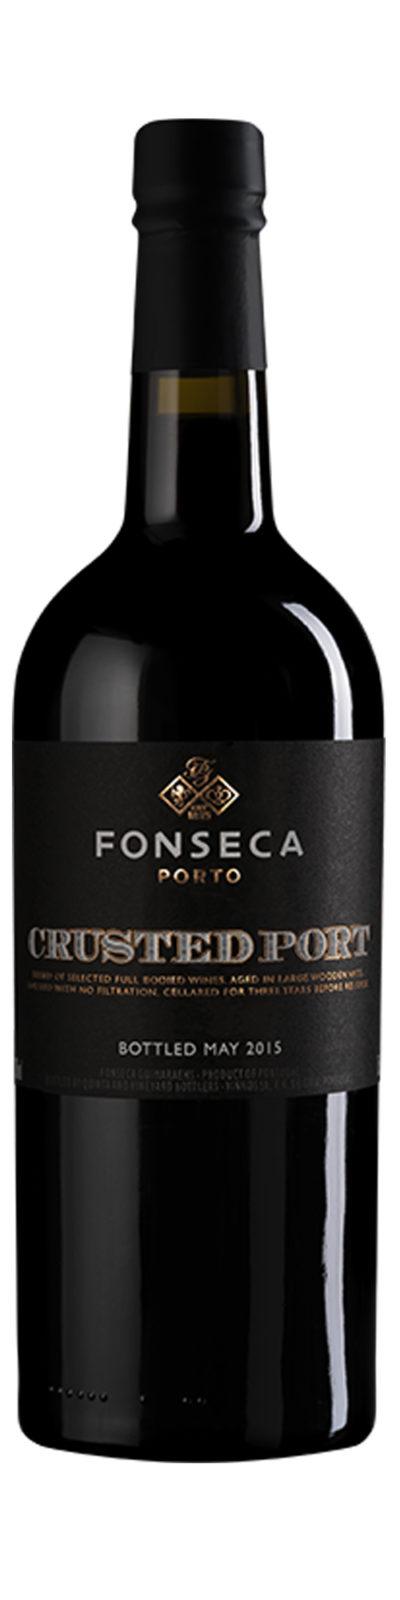 Fonseca Crusted Port NV